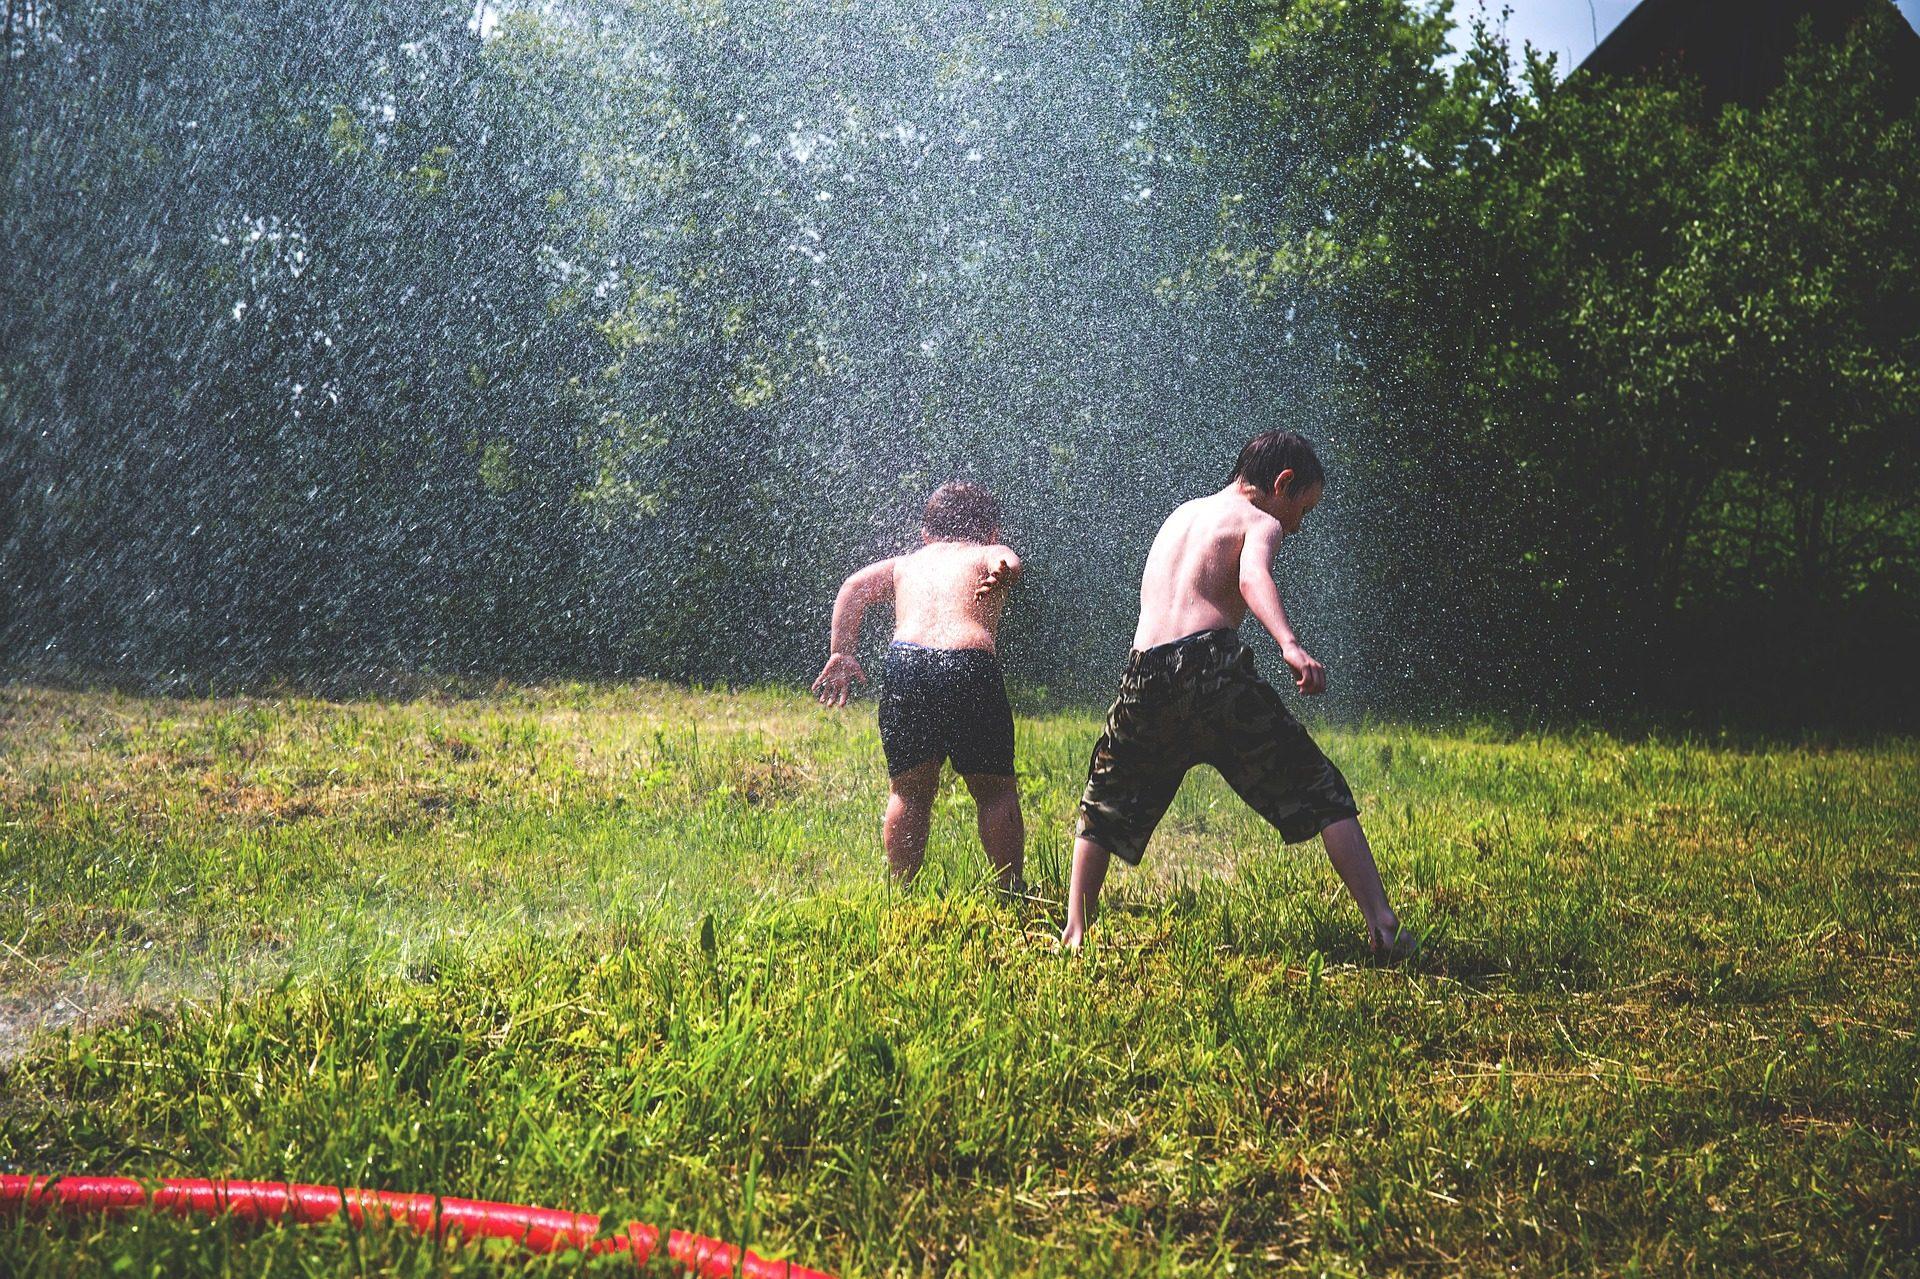 дети, Сад, игра, воды, газон - Обои HD - Профессор falken.com